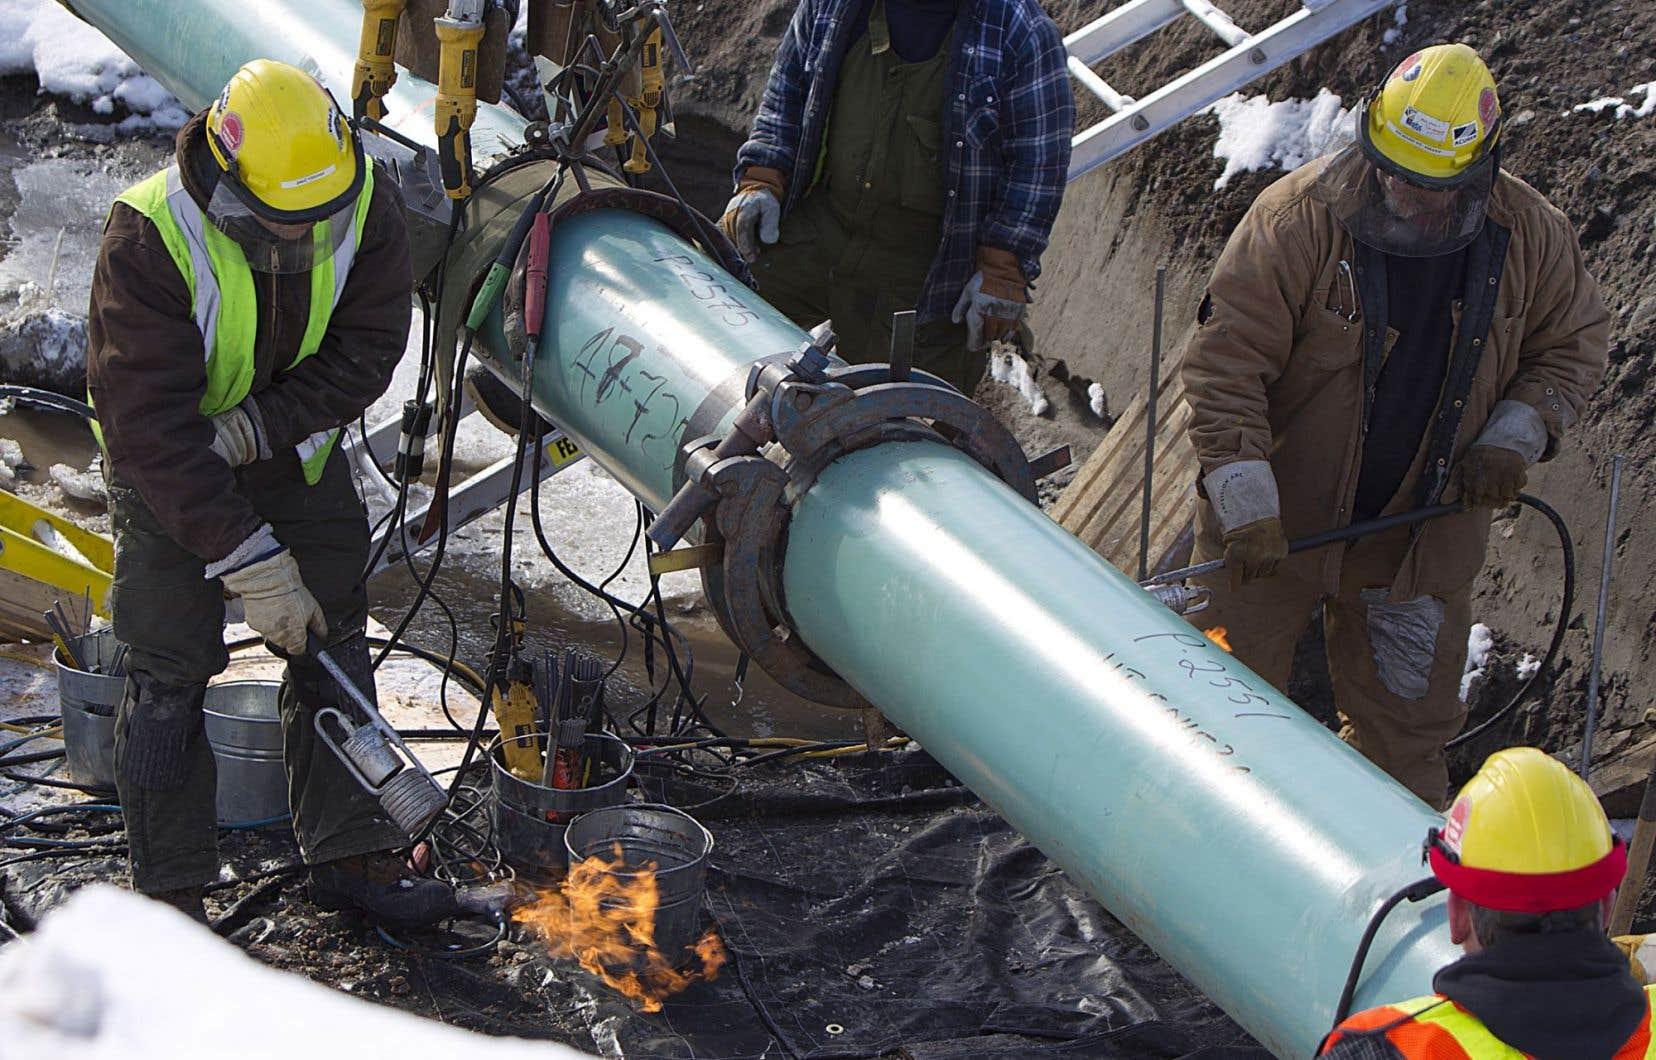 Une trentaine de pièces problématiques se retrouvent dans un gazoduc à l'ouest de Montréal et au moins cinq dans une partie de gazoduc qui sera convertie en oléoduc pour le projet Énergie Est. C'est l'une de ces pièces qui a provoqué la rupture d'un pipeline de gaz naturel en Alberta en 2013.